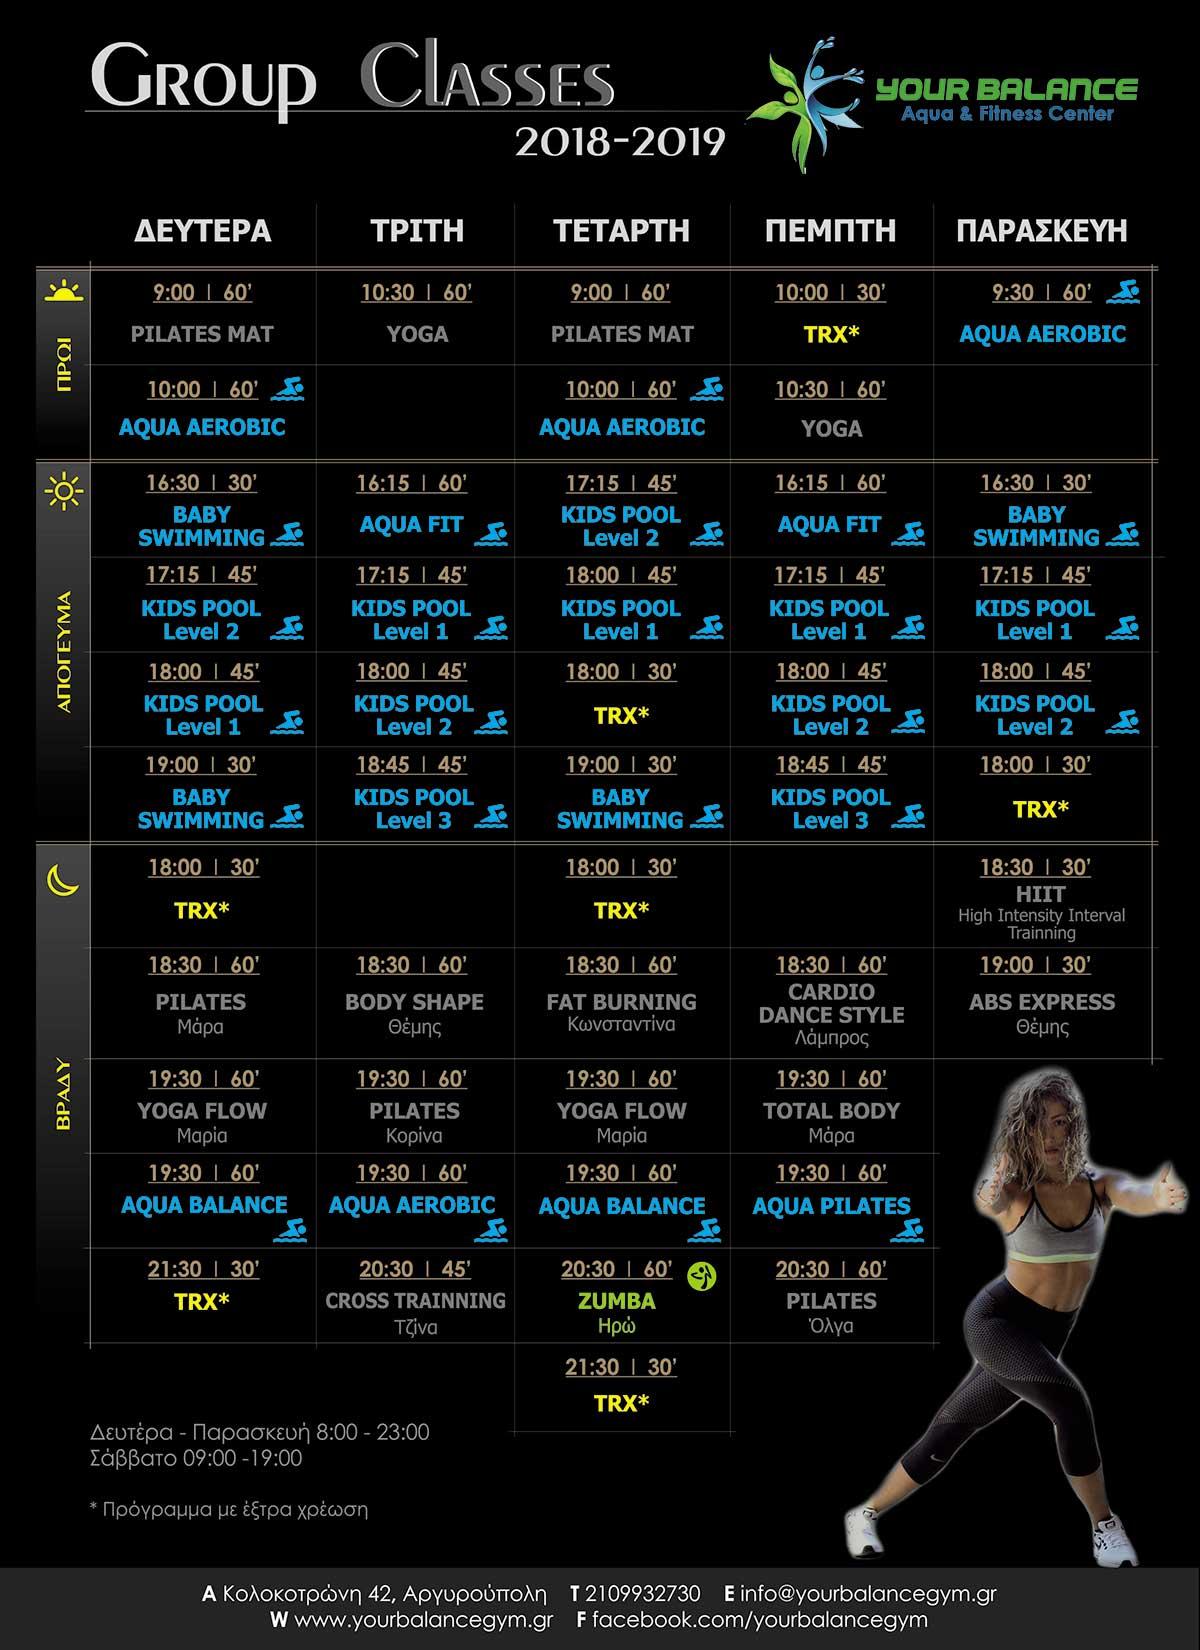 γυμναστηριο-αργυρουπολης-ΠΡΟΓΡΑΜΜΑ-ΟΜΑΔΙΚΩΝ-2018-19-big